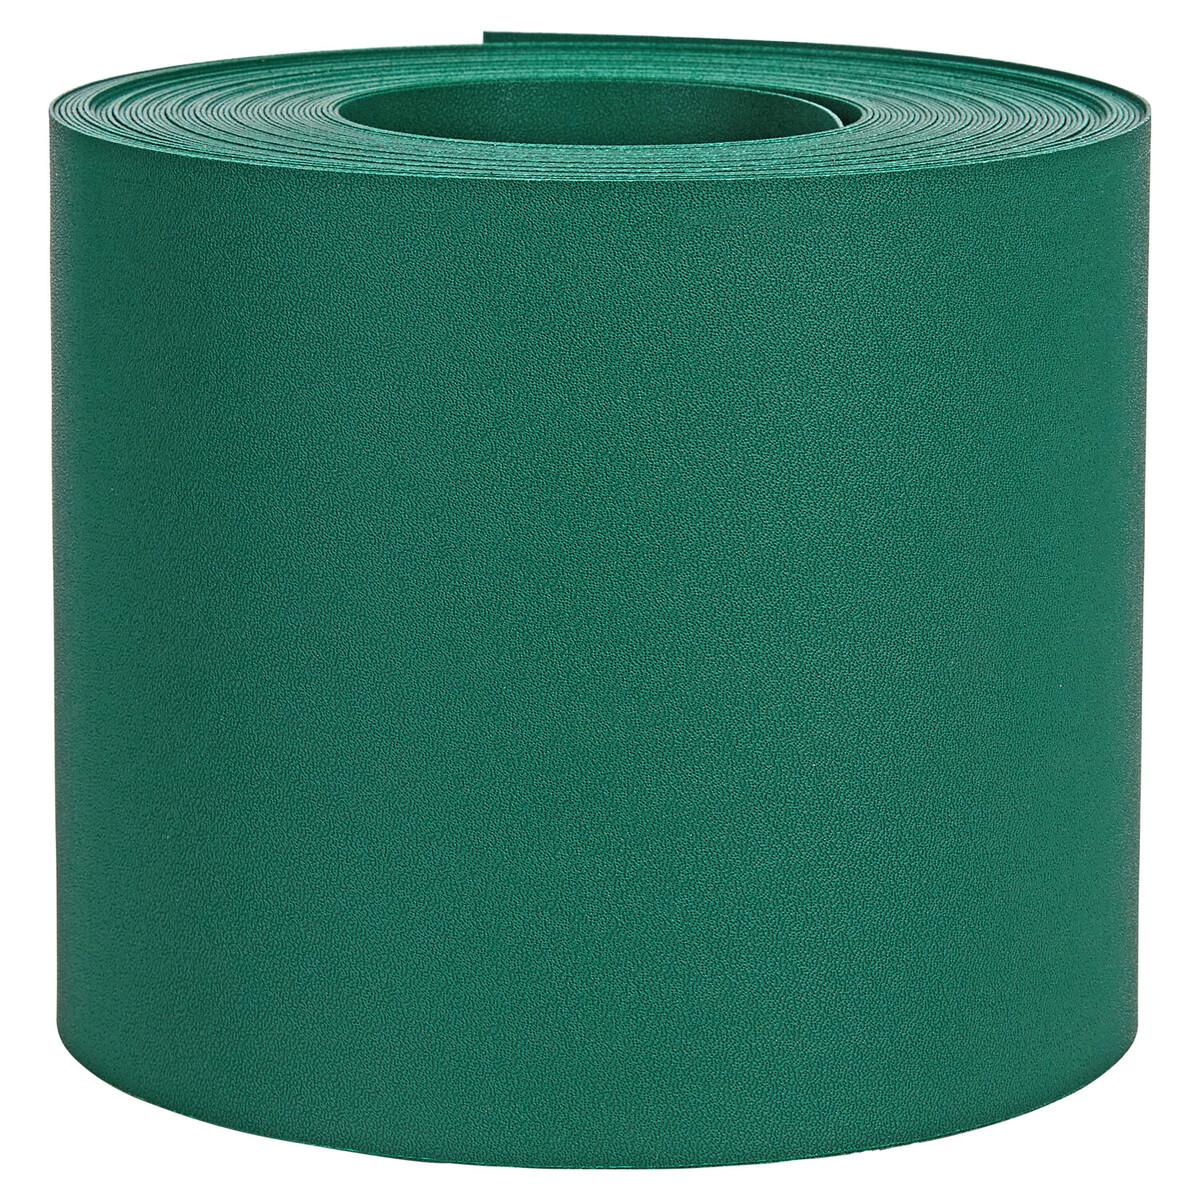 Bild 2 von Sichtschutzstreifen grün 19 x 2510 cm